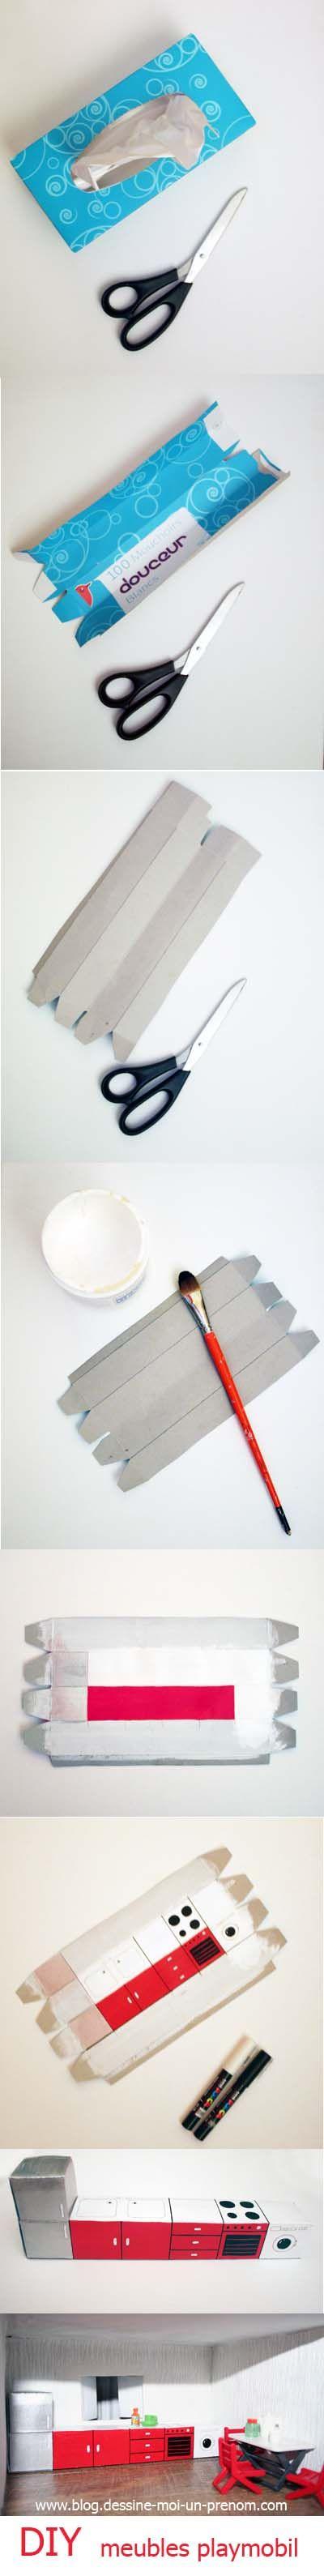 Tutoriel fabriquer meubles cuisine playmobil recup maison playmobil meubles maison de - Fabrication maison en carton ...